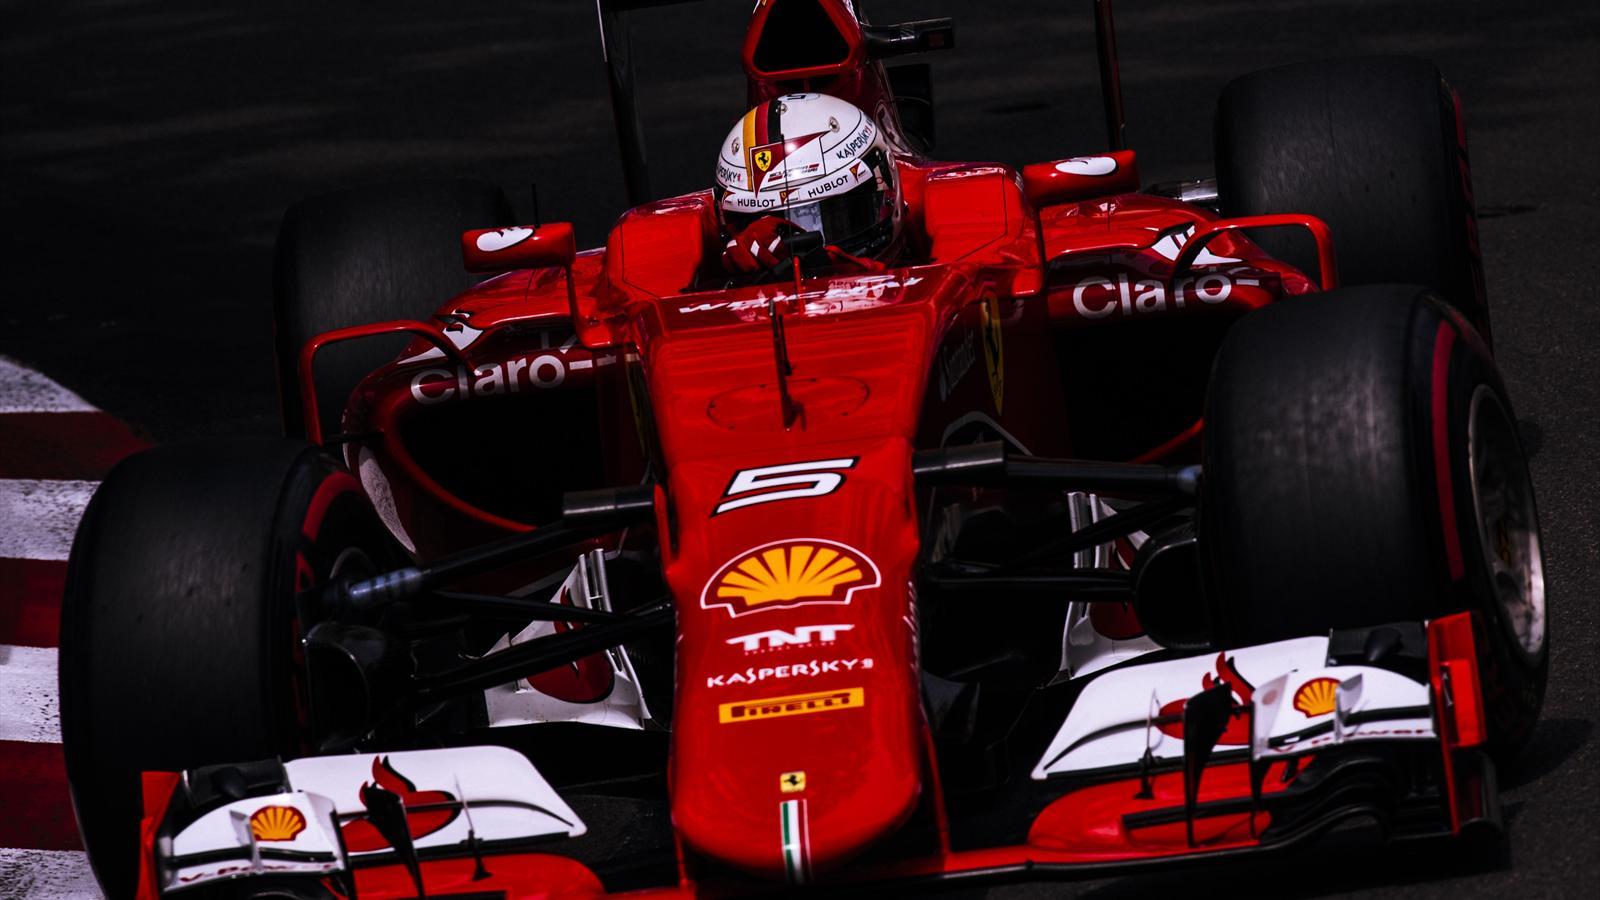 Spécial Sebastian Vettel (Formule un) - Page 20 1571343-33424242-1600-900